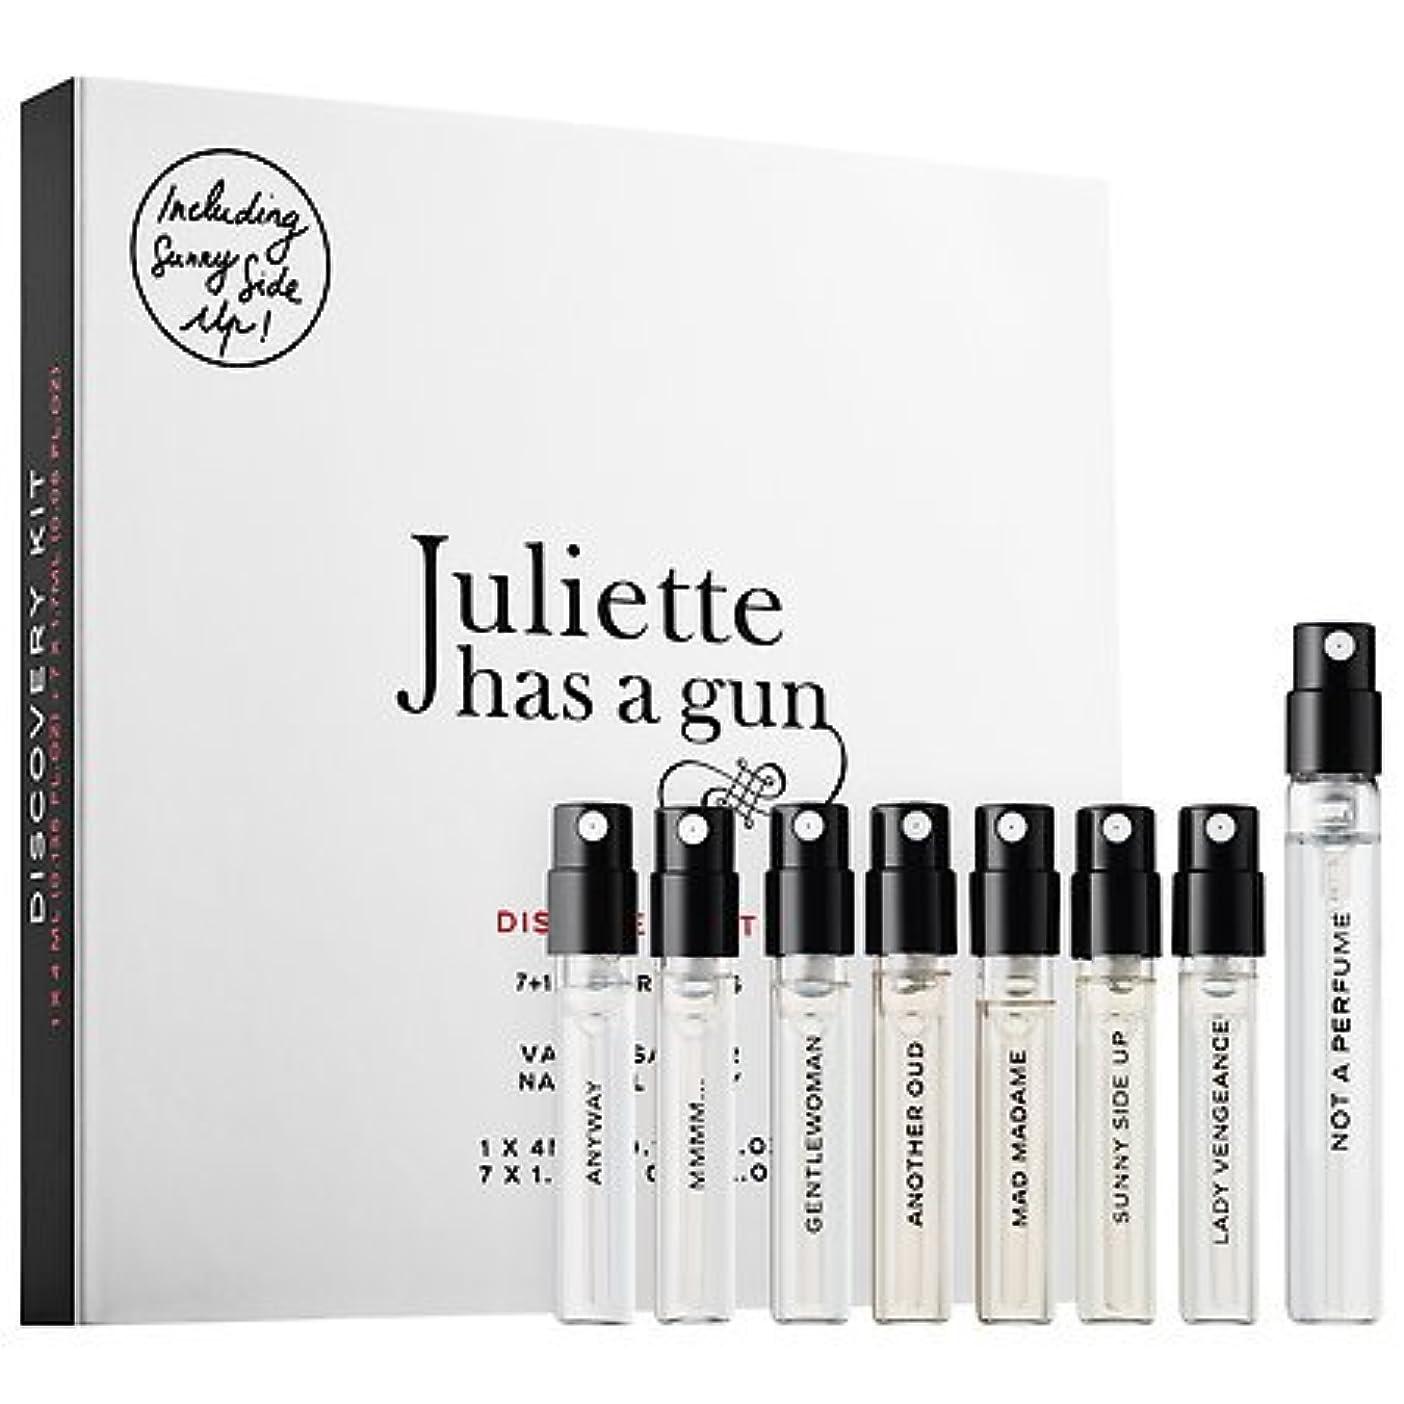 出席する少なくとも豚Discovery Kit by Juliette Has A Gun Spray Samples(ジュリエット ハズ ア ガン ディスカバリーキット)[海外直送品] [並行輸入品]